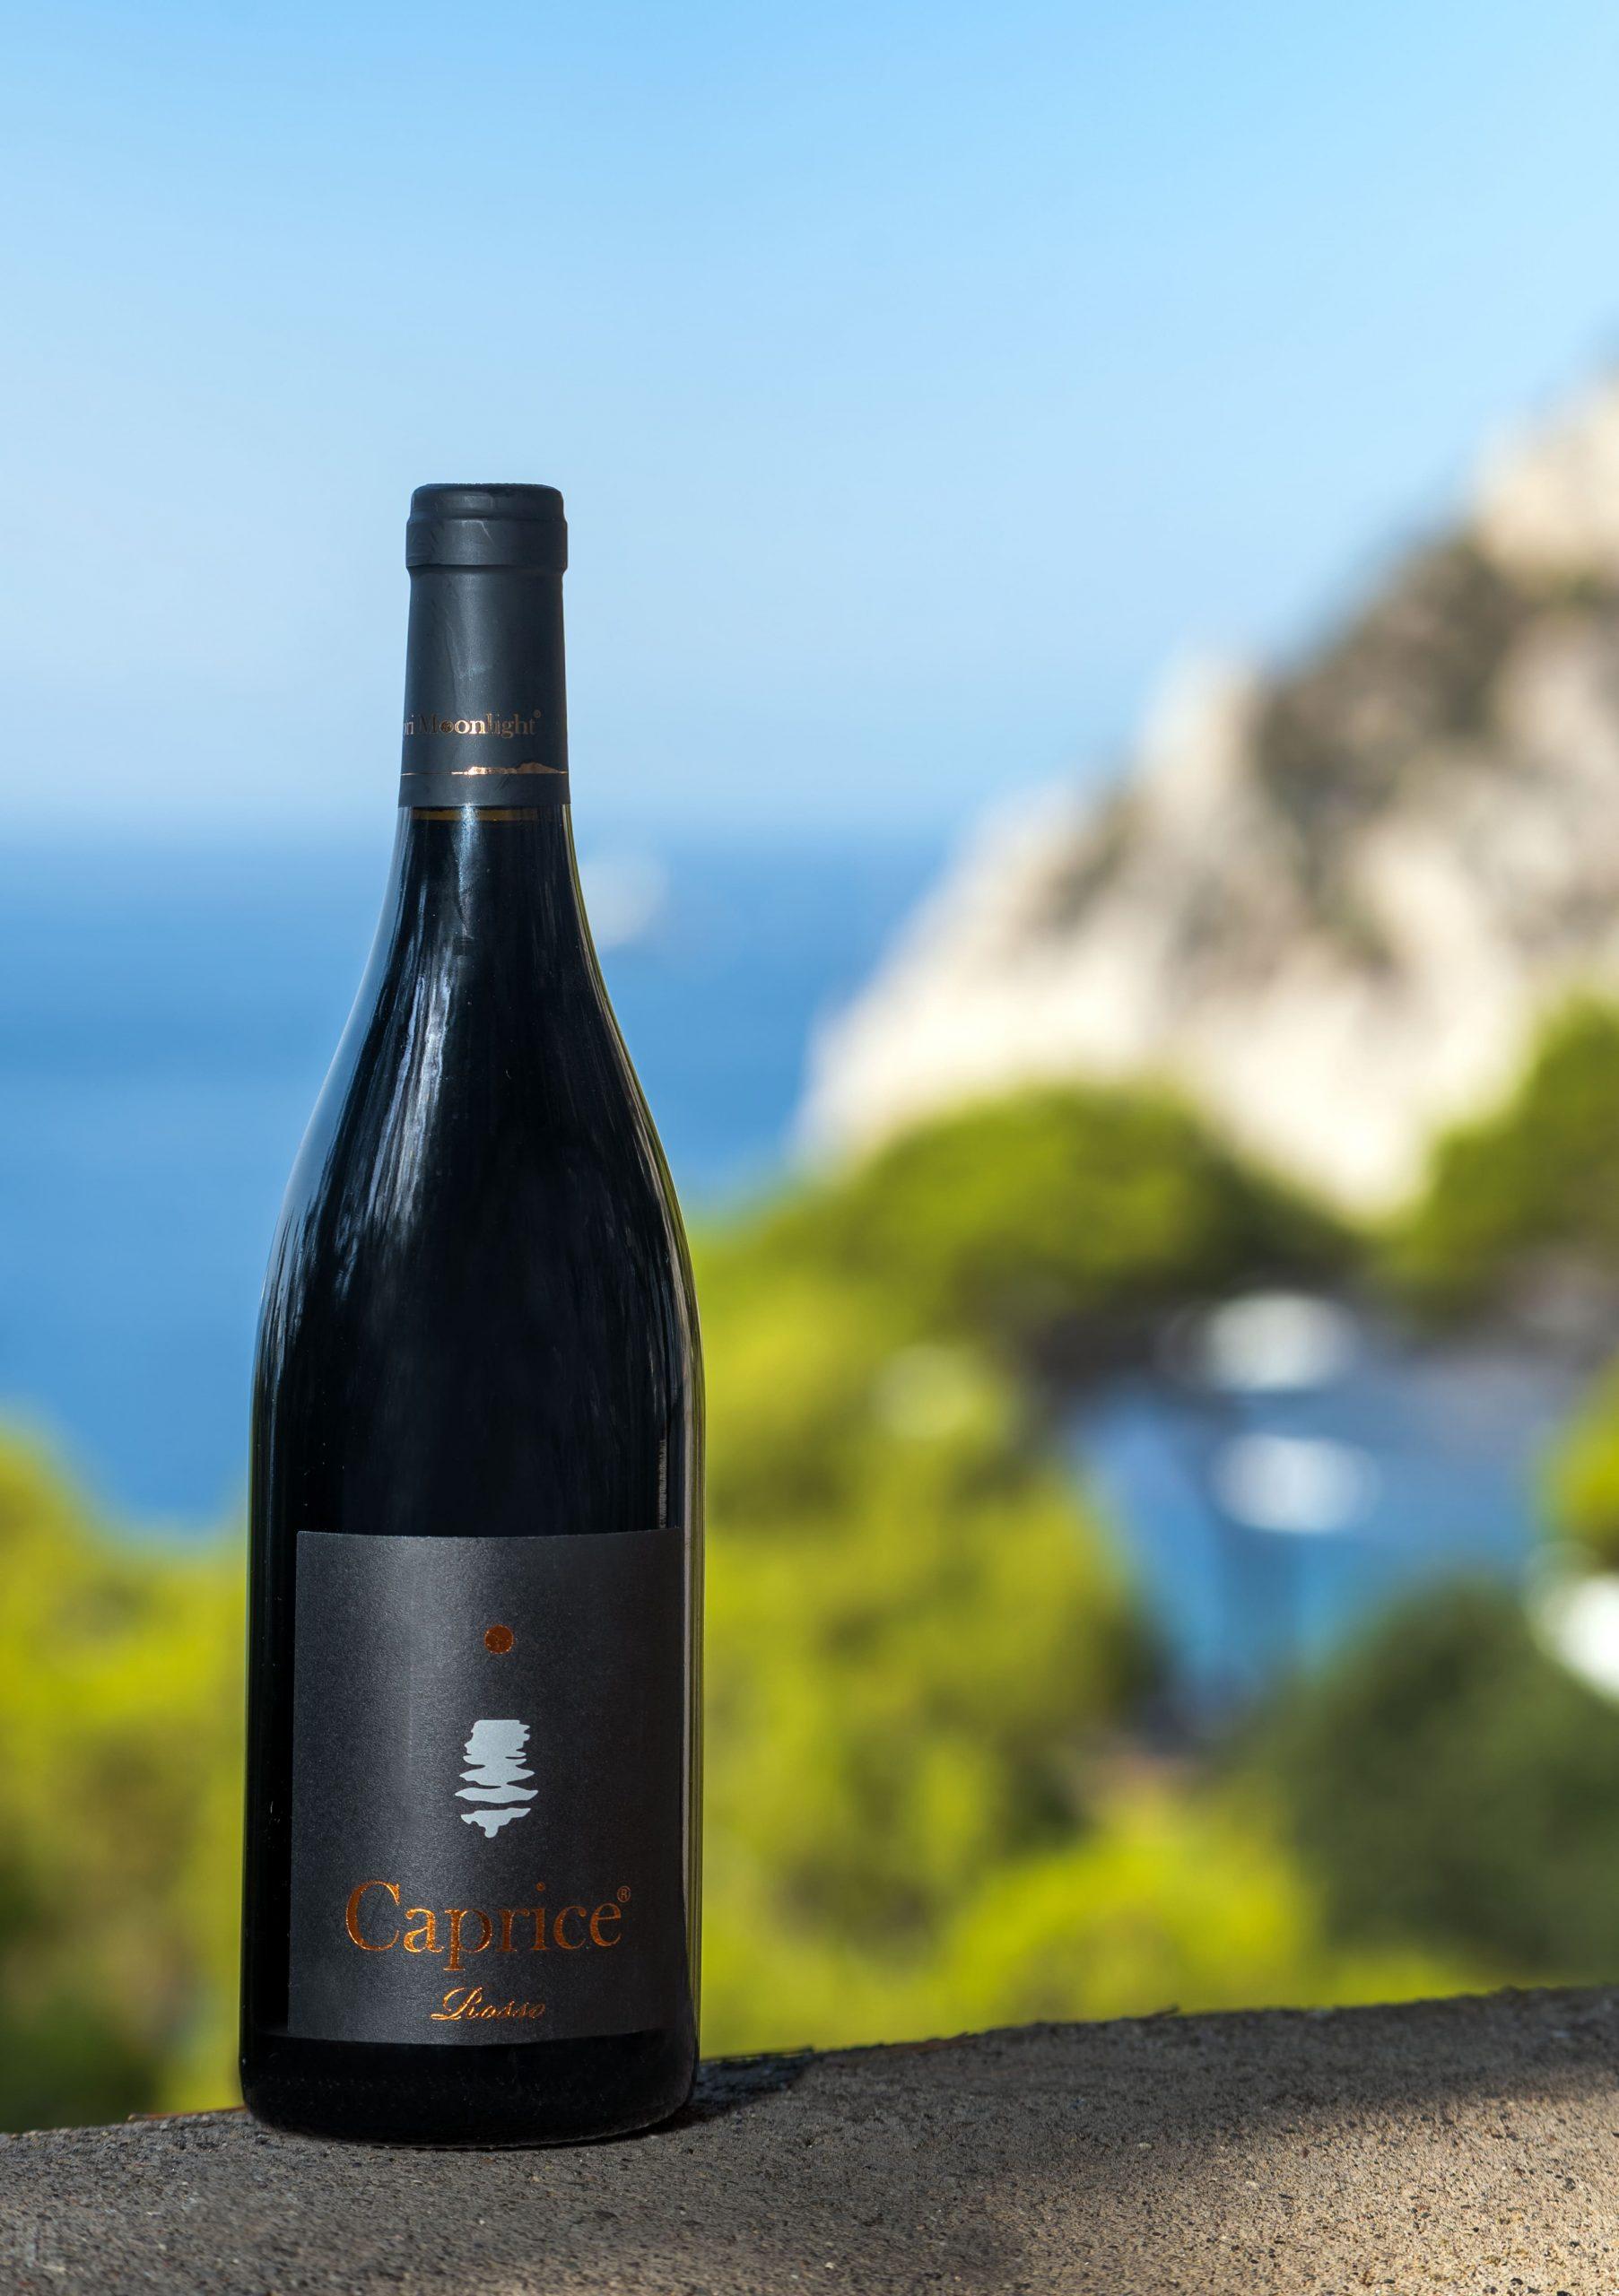 caprice rosso. capri moonlight. wine capri